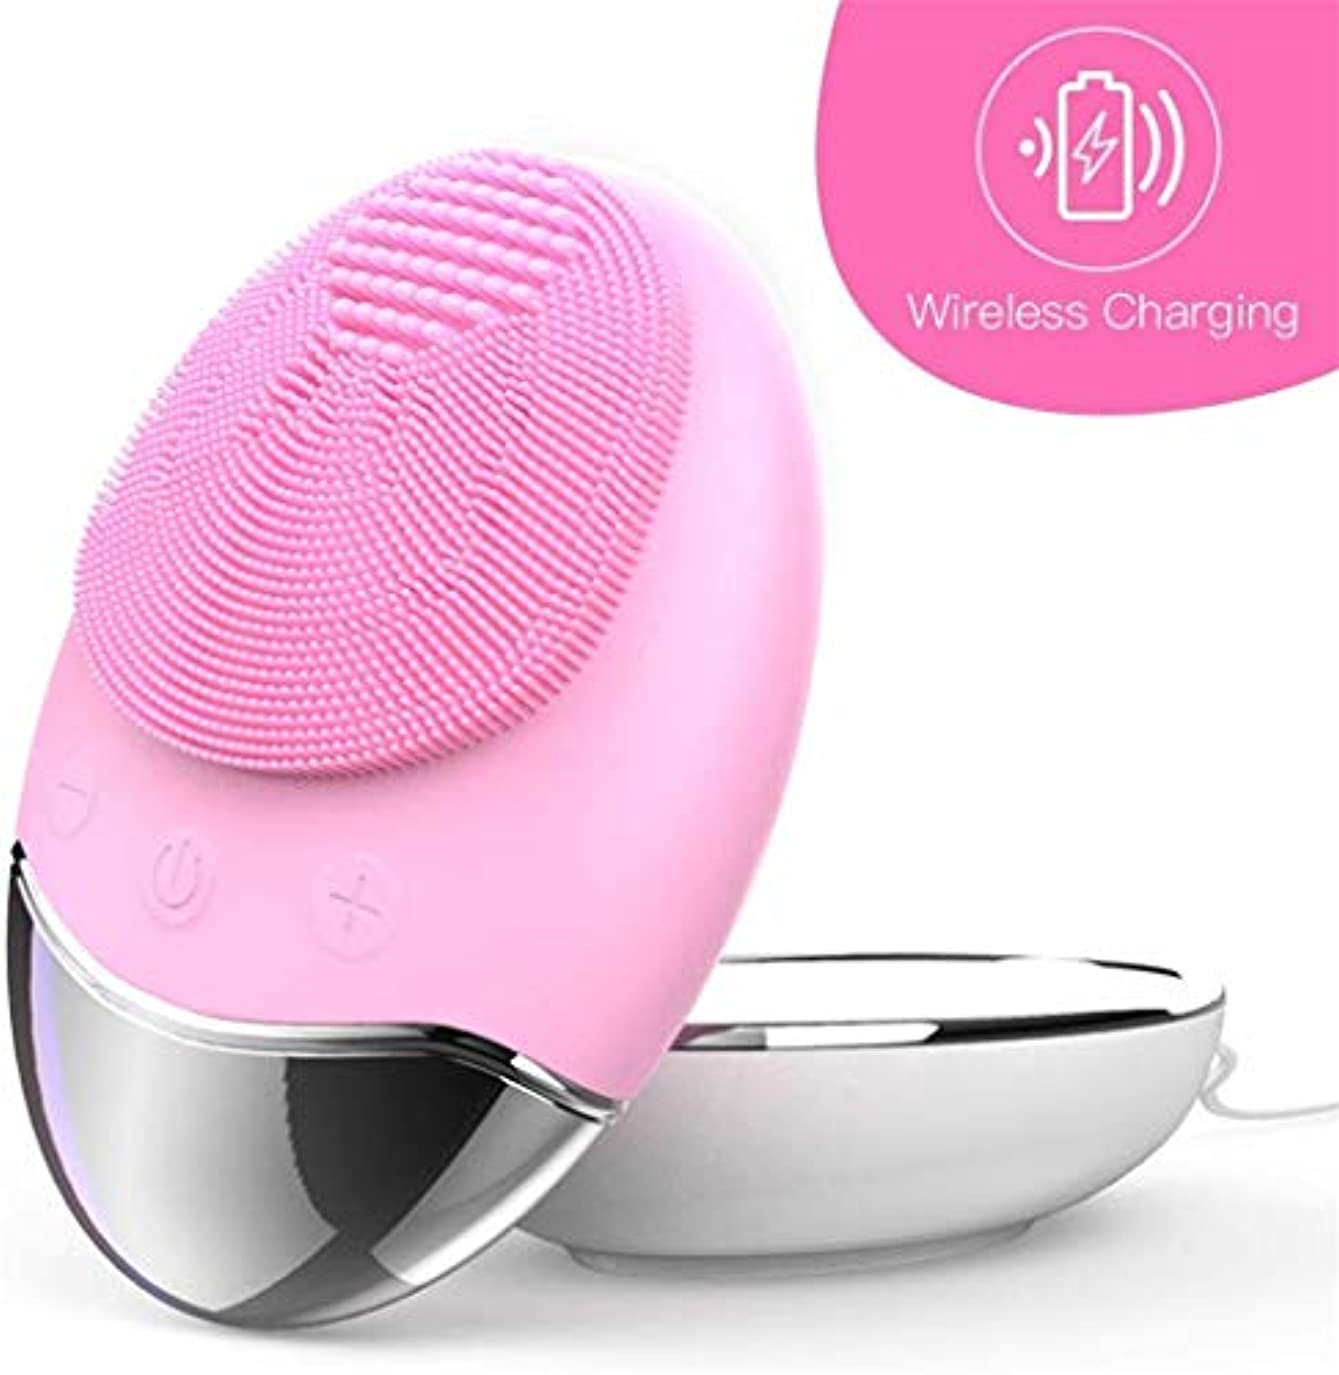 シティコンテスト火曜日オールスキンタイプの充電式用シリコーン洗顔ブラシ、ブラシシリコーンエクスフォリエイティングフェイススクラブブラシマッサージャー3-IN-1エレクトリックフェイス、